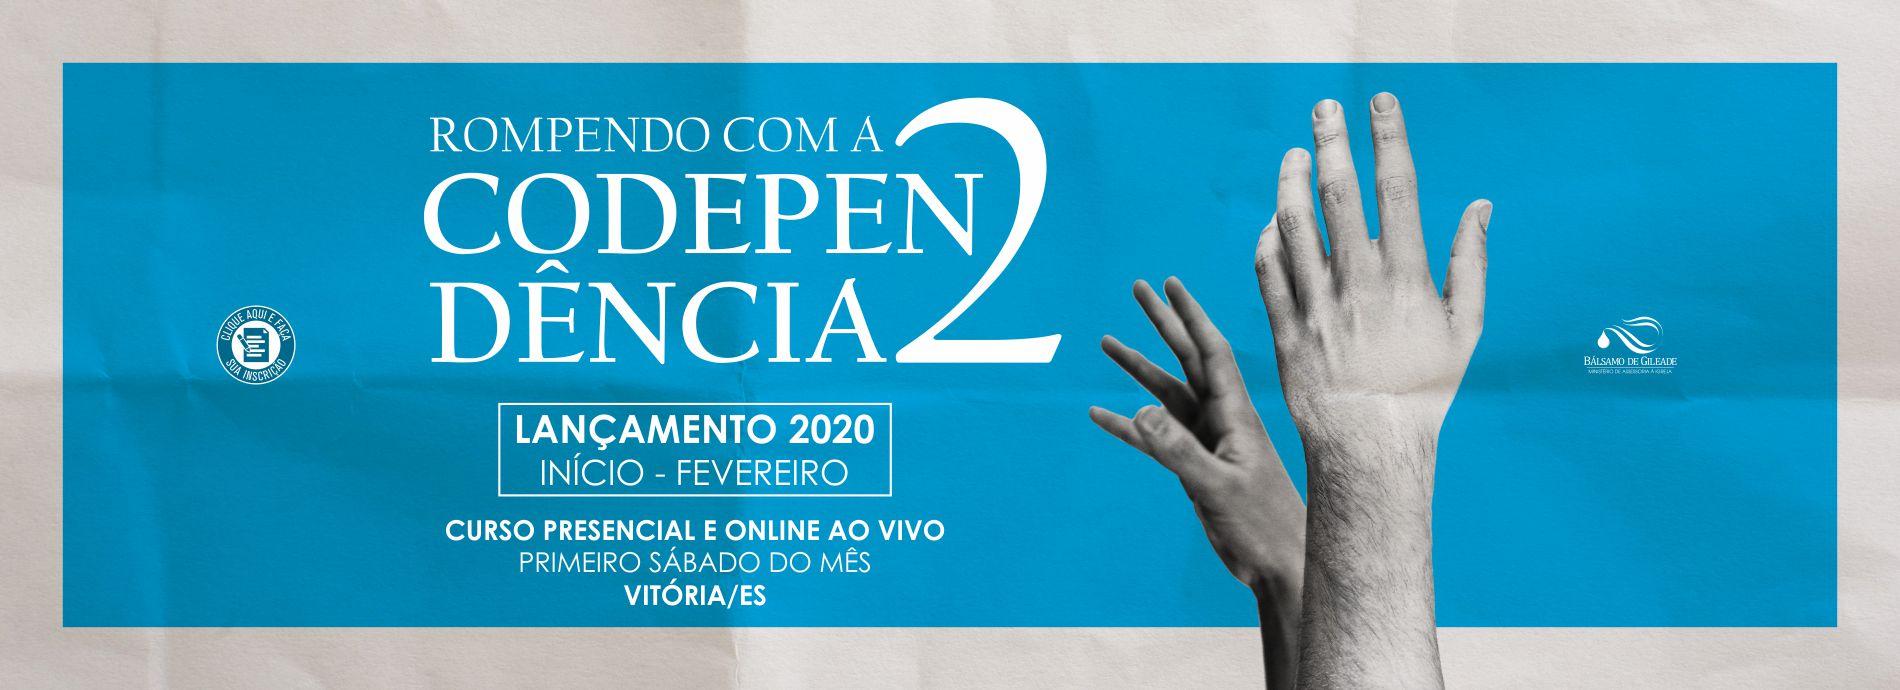 Rompendo2%2b %2b1900x690